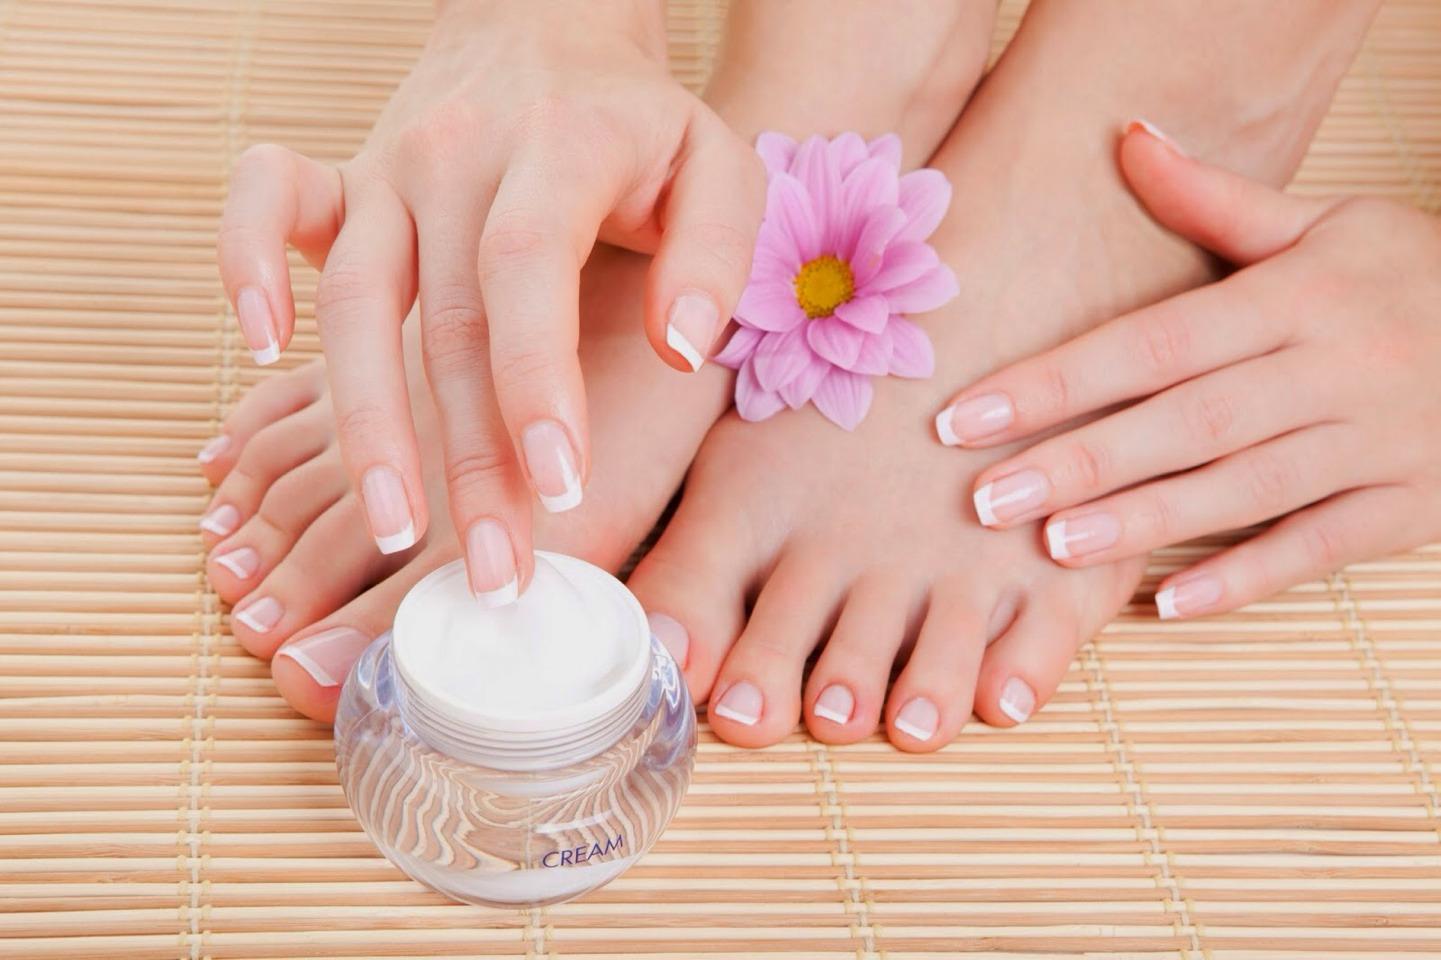 Уход за кожей ног в домашних условиях